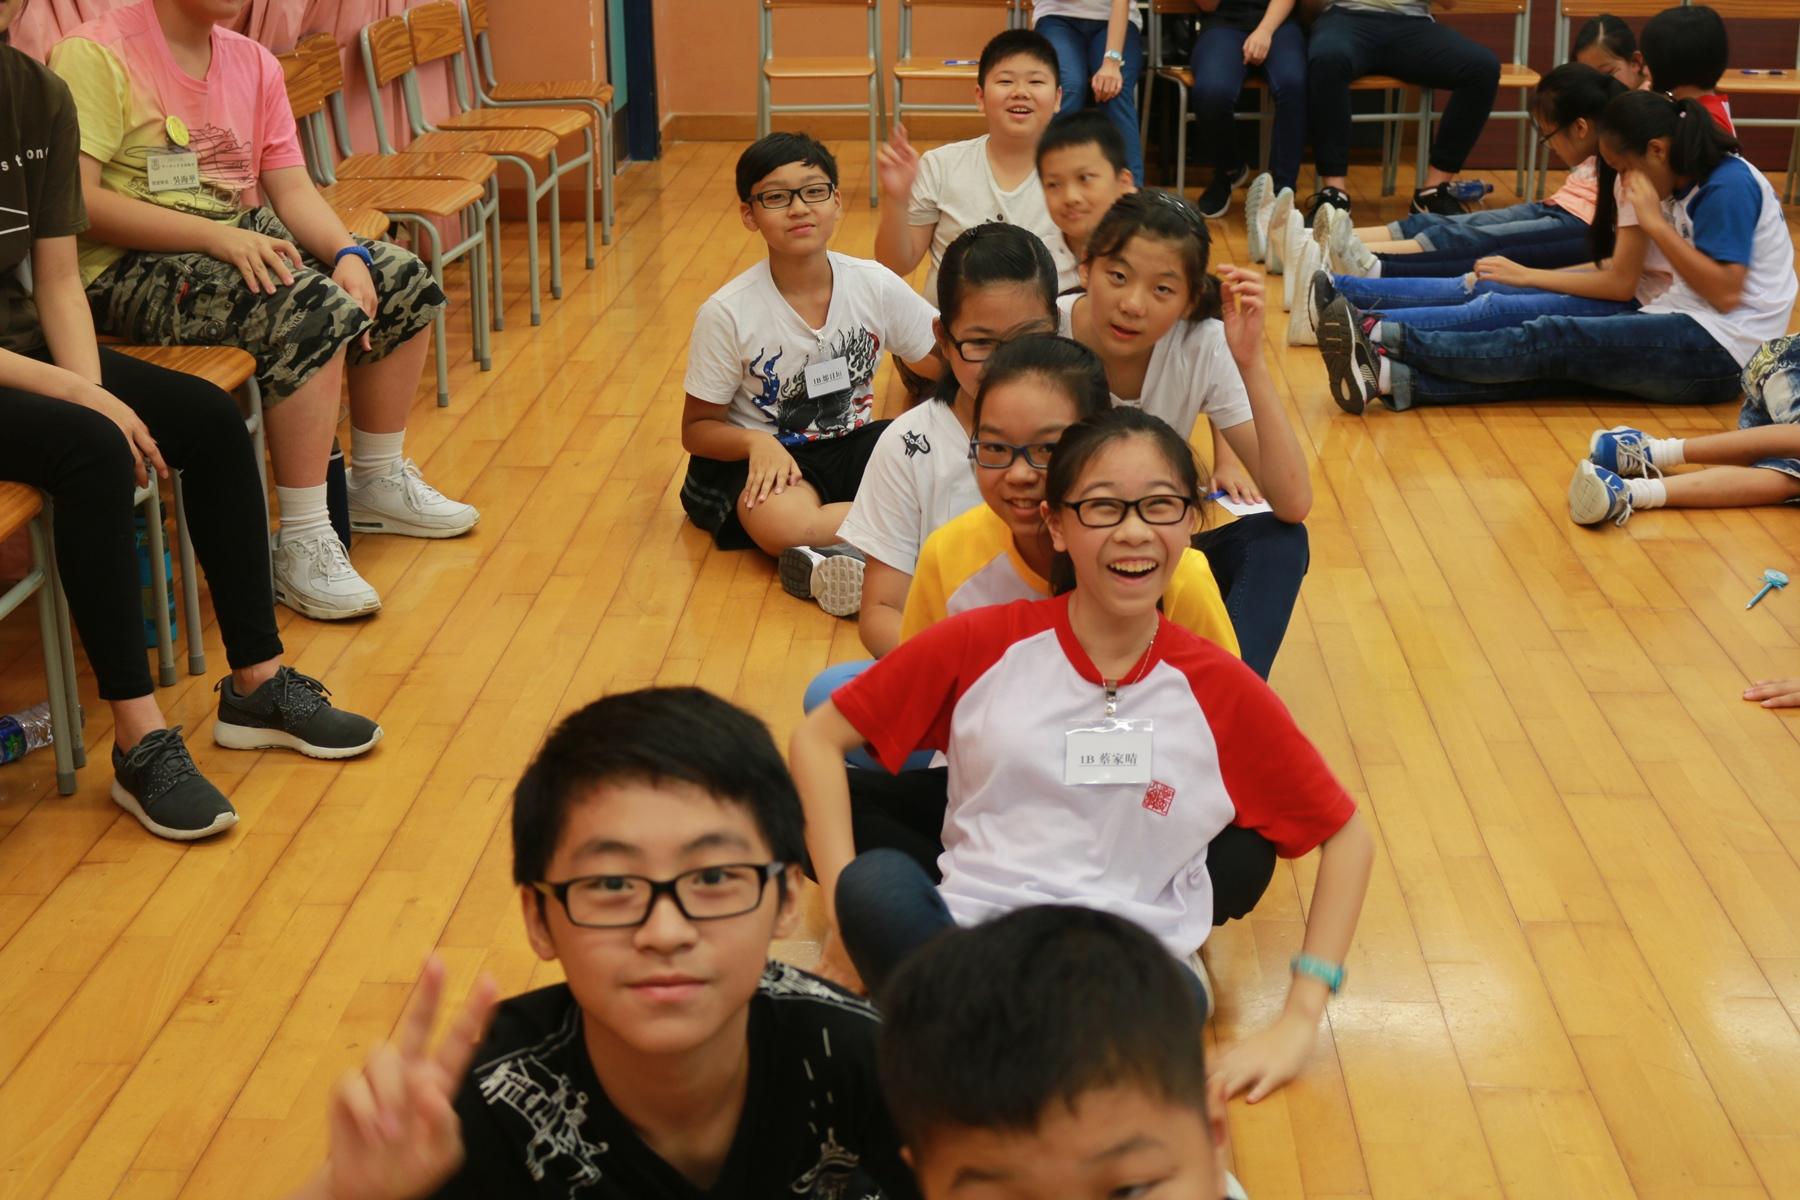 http://www.npc.edu.hk/sites/default/files/1b_hu_li_hu_mian_zhong_zhi_cheng_cheng_20170818_07.jpg